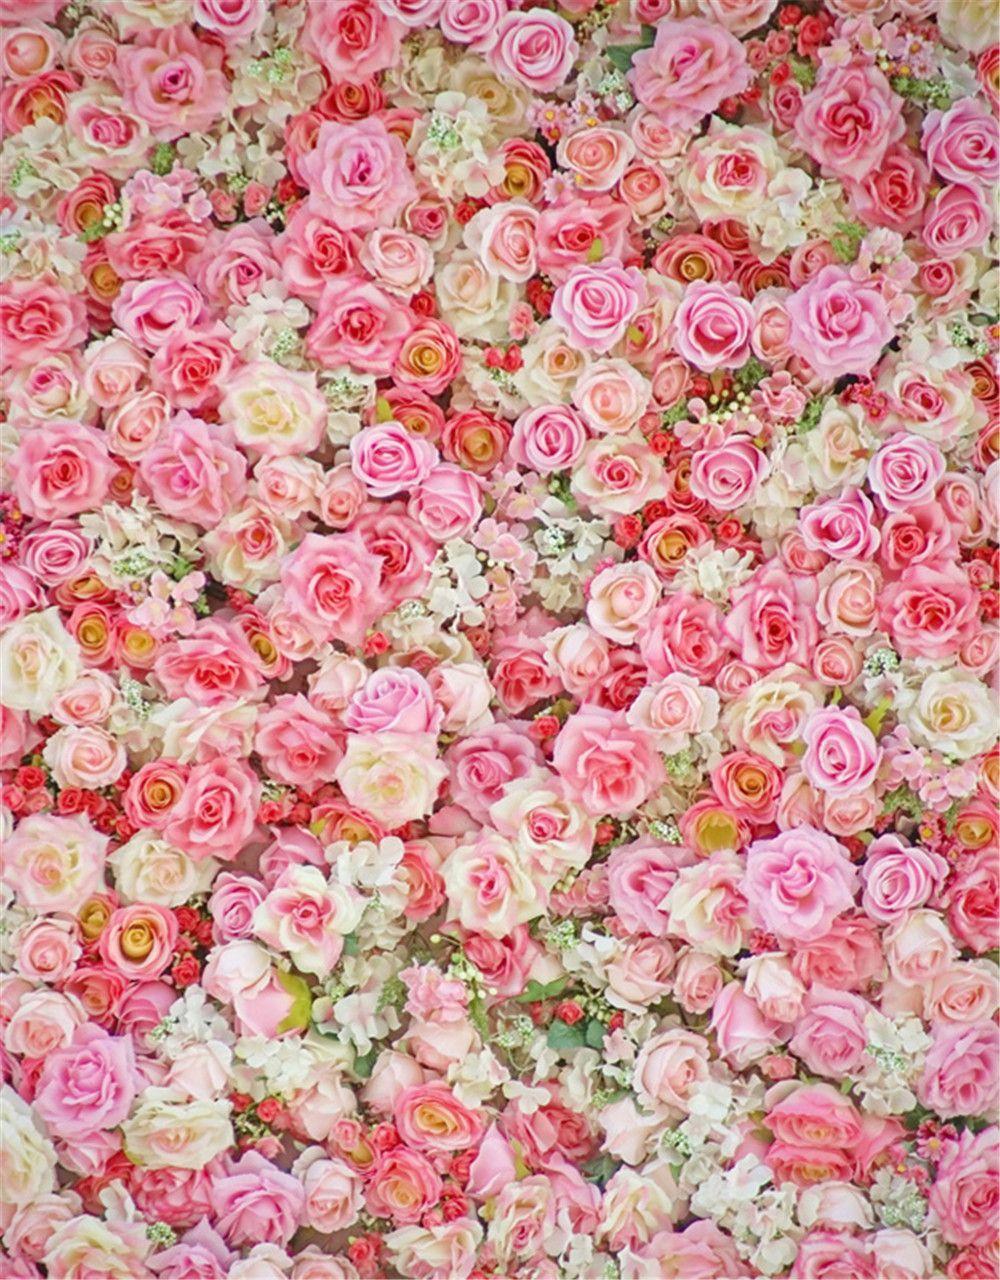 2019 Digital Printing Pink Roses Wall Photography ...